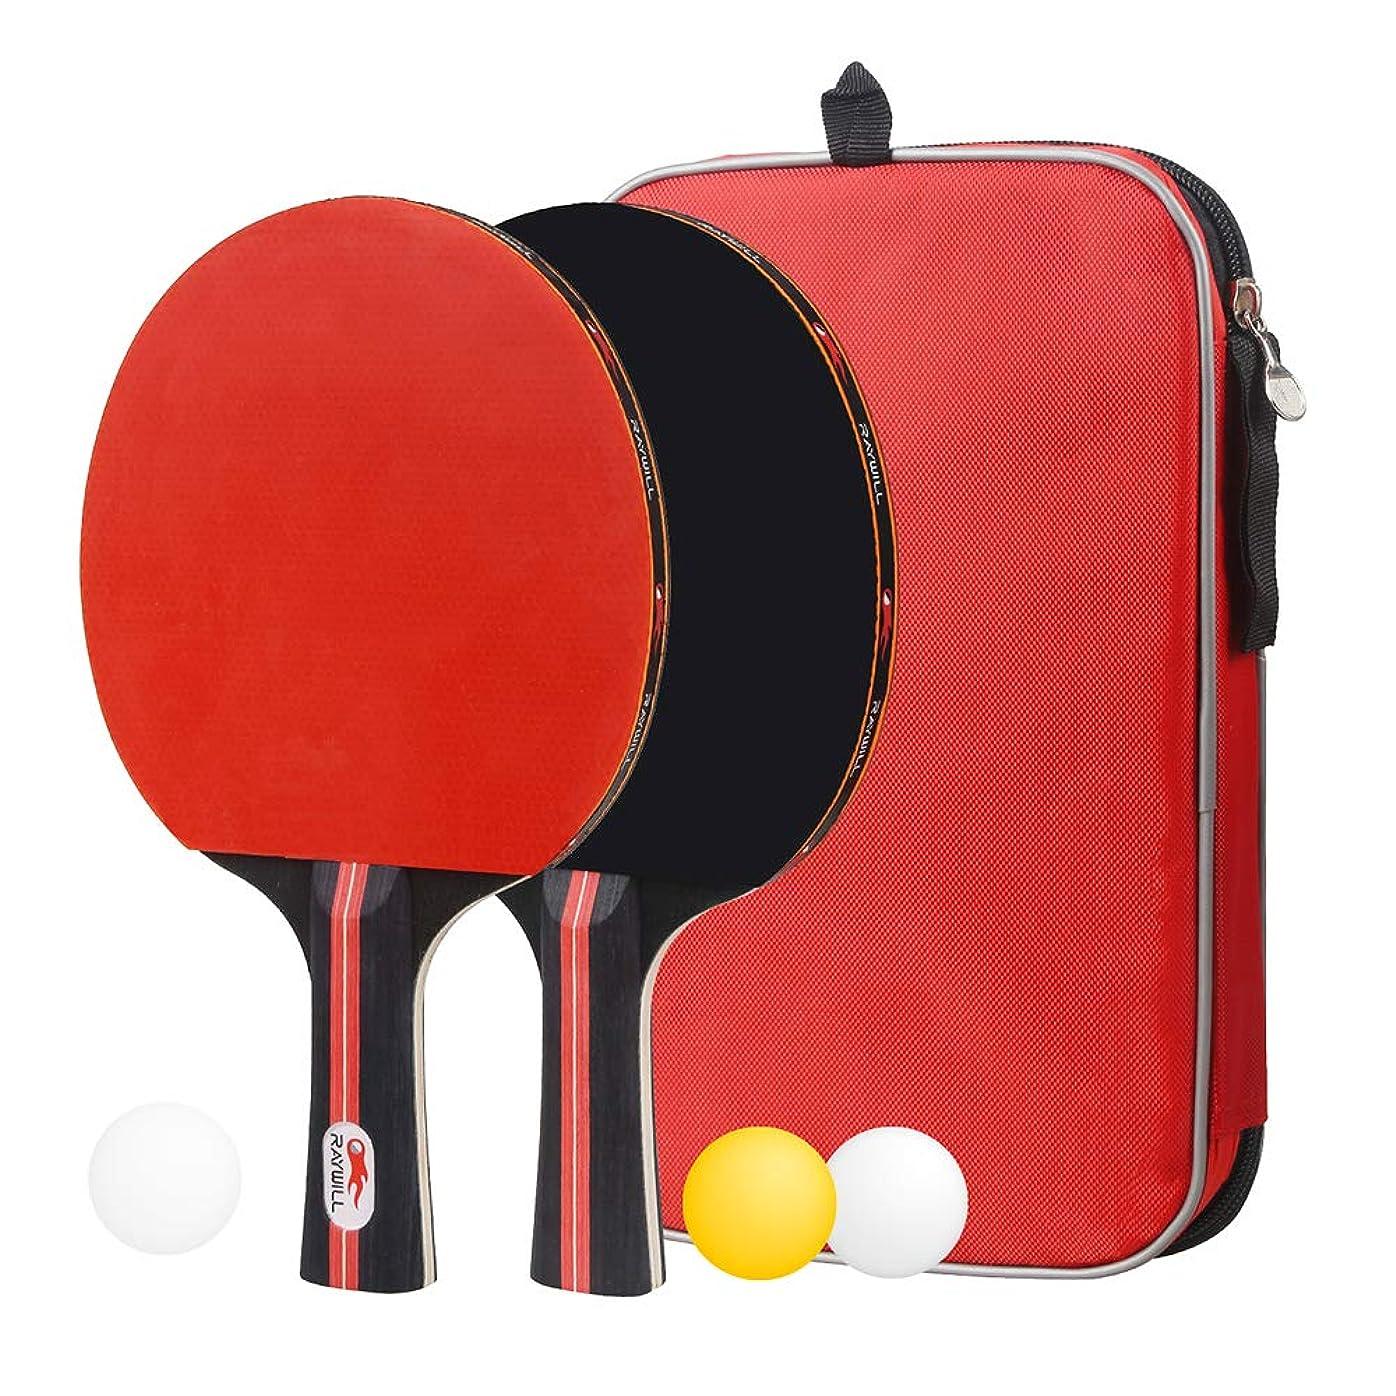 しなければならないパドル差別的ポータブル 卓球 ラケット ポータブル 卓球セット ラケット2本 ピンポン球3個 収納袋付き 手軽 どこでも 卓球用品 卓球ラケット 卓球ボール